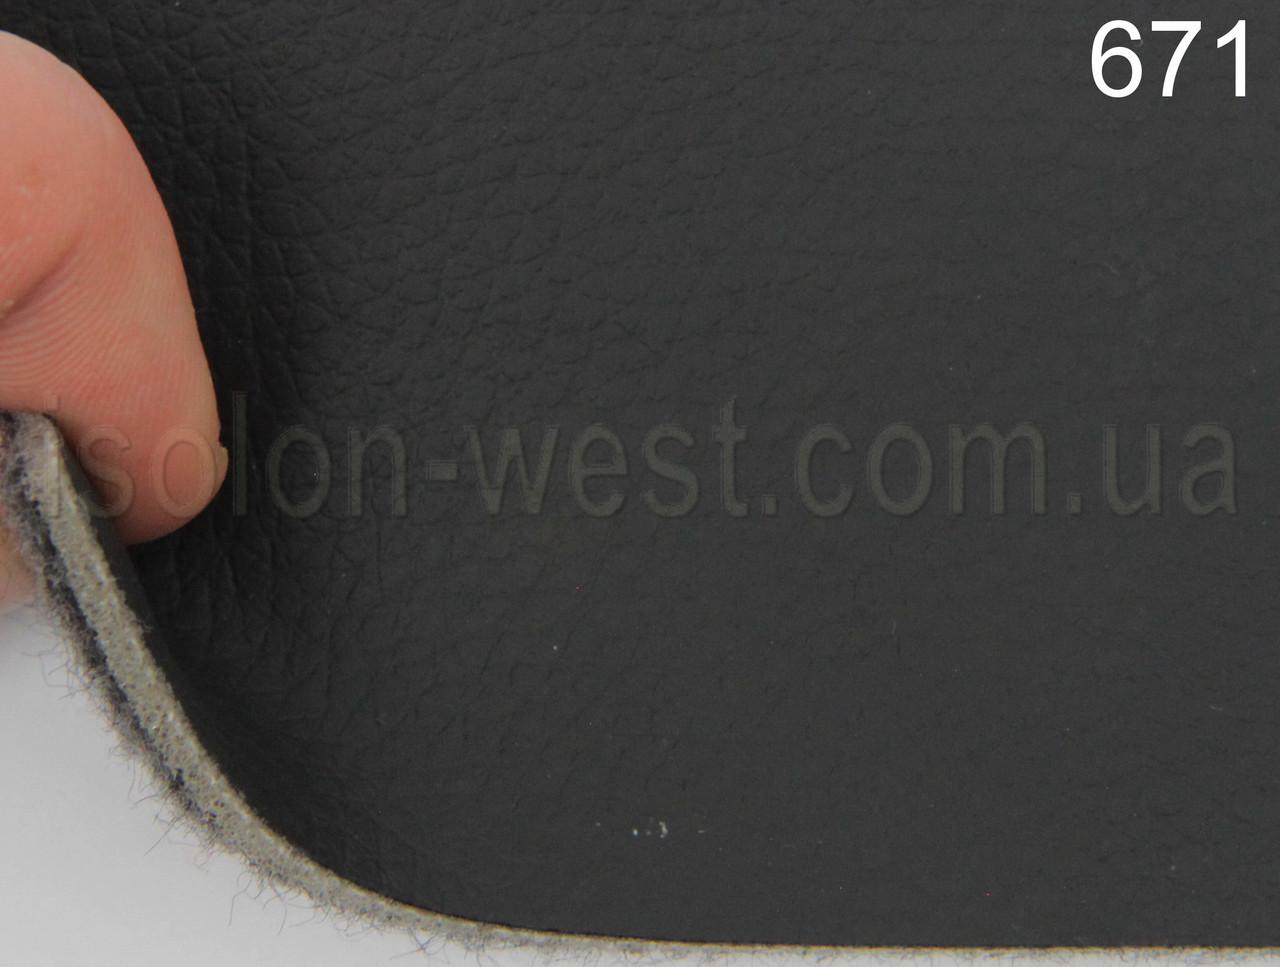 Авто кожзам черный на поролоне и войлоке 3,8 мм. 671